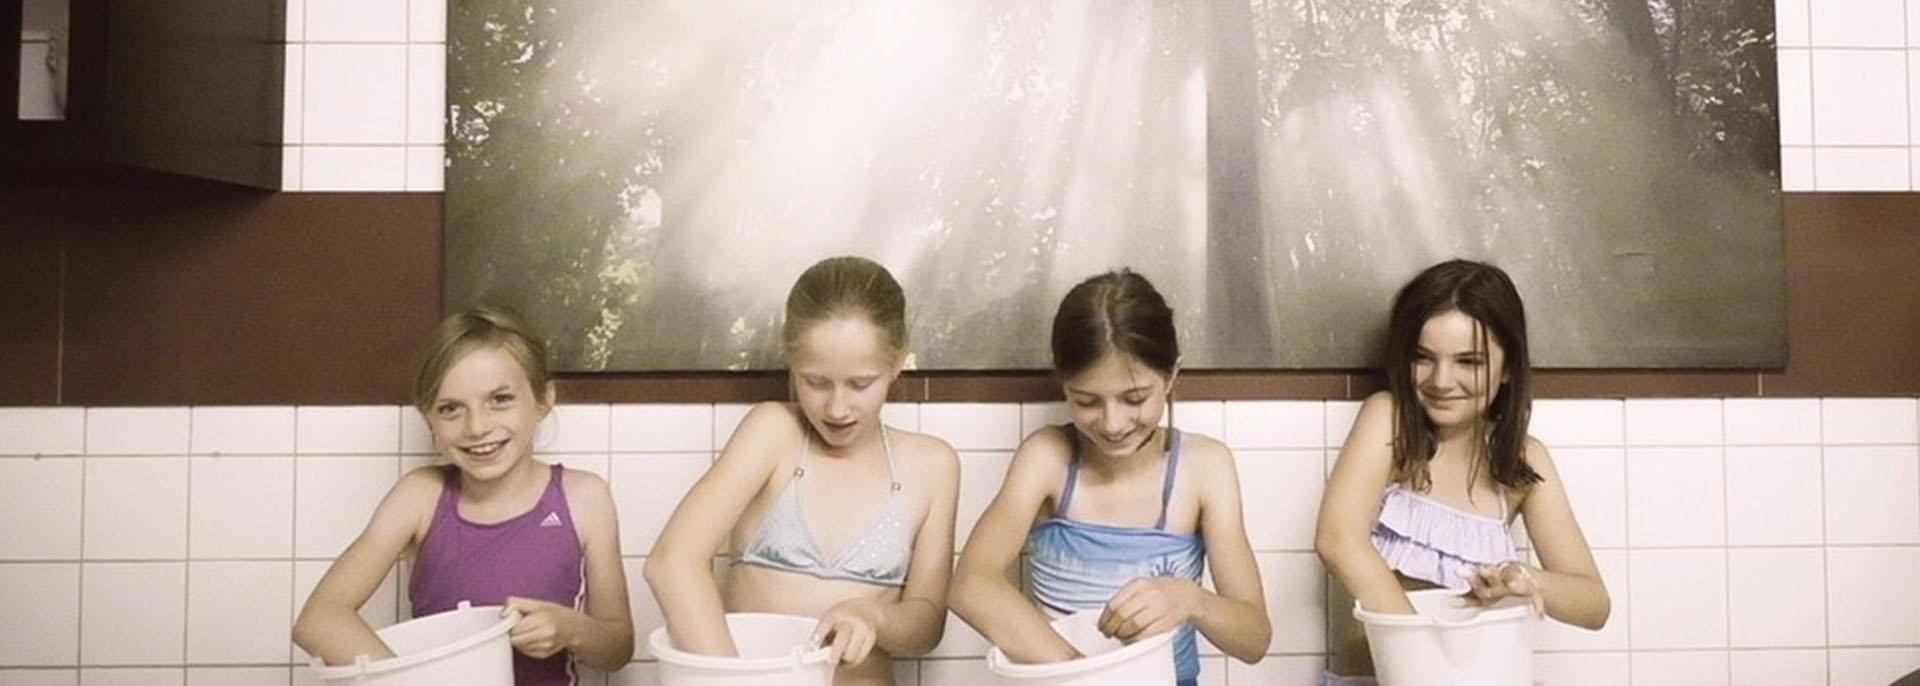 Klinik Sellin - Ein Platz Bleibt Leer - - ganzes Eltern Kind Kur Beide Elternteile